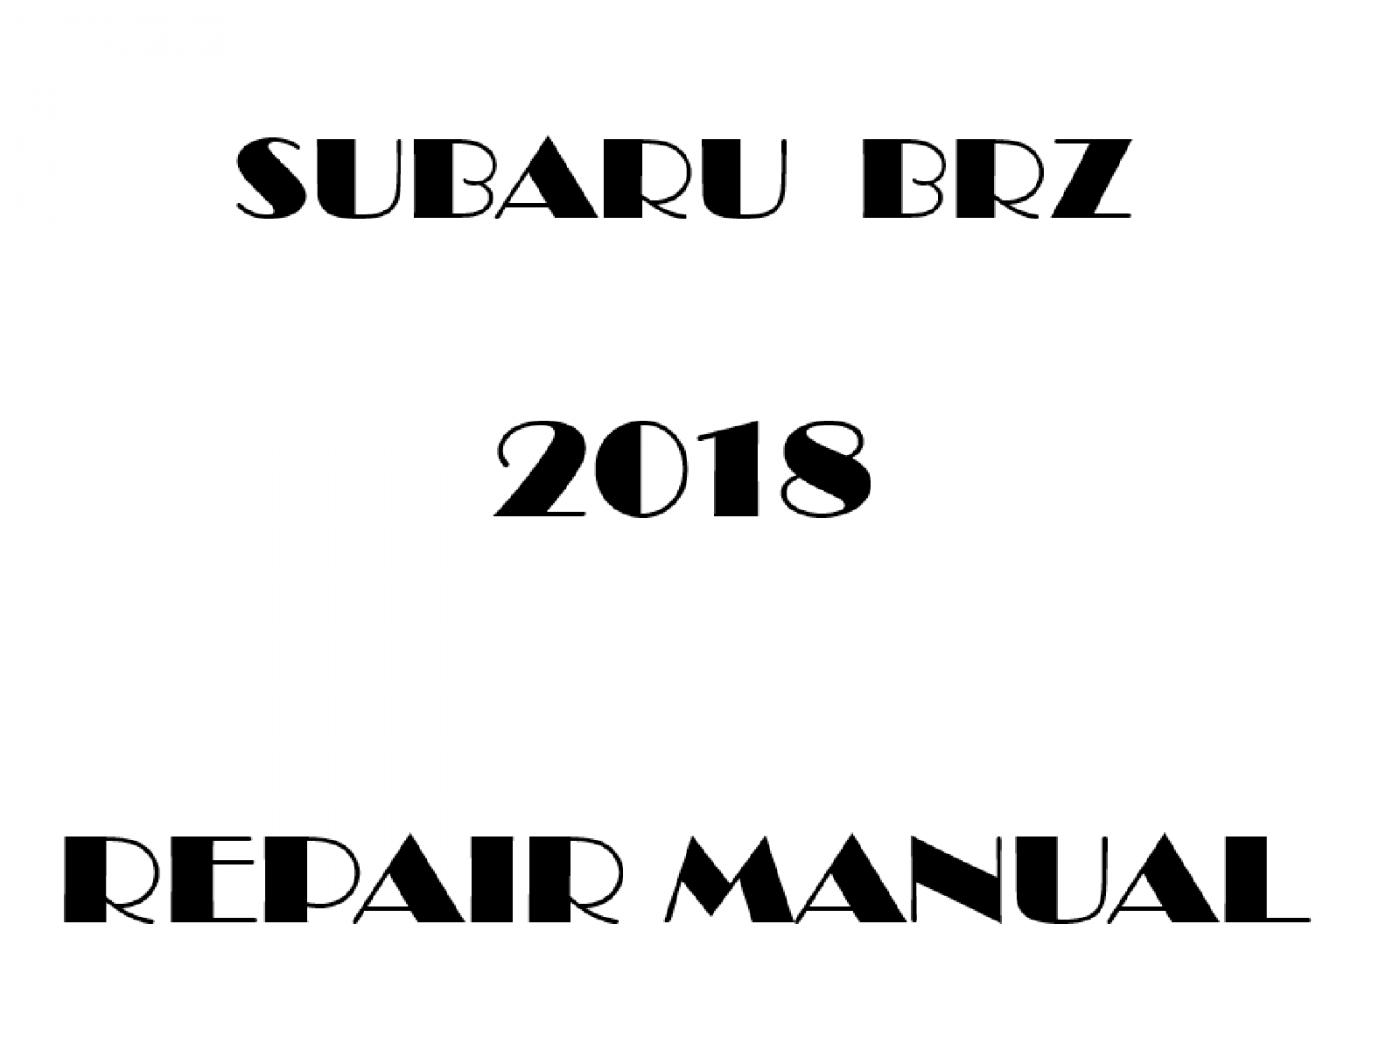 2018 Subaru BRZ repair manual